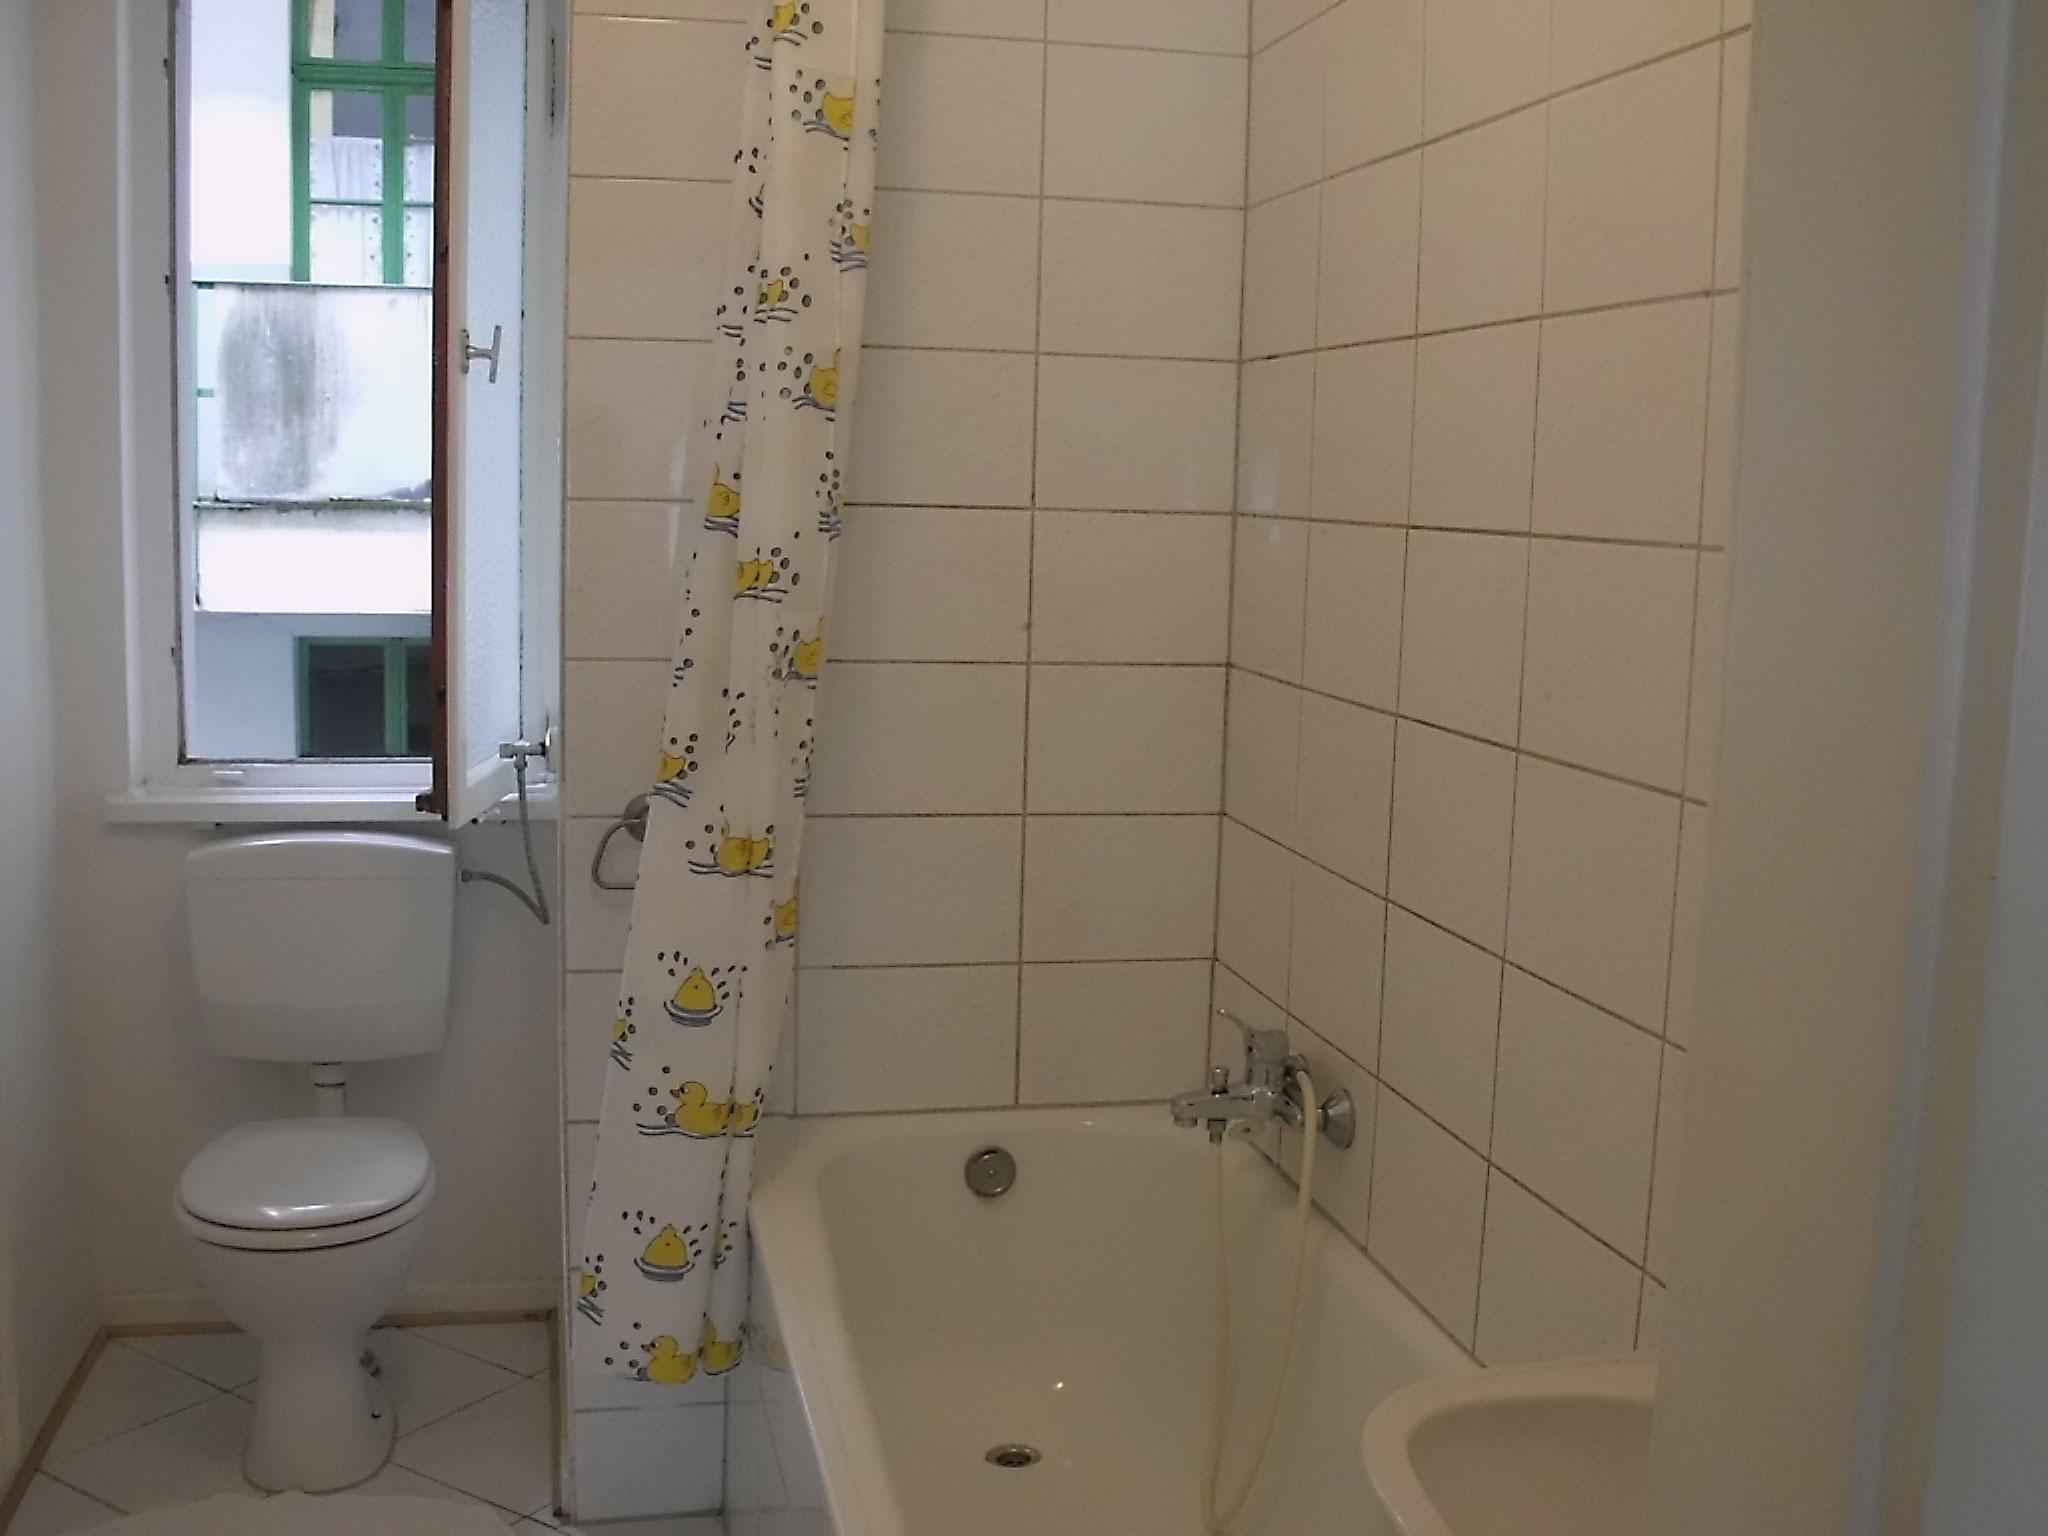 Impressionen aus unseren Wohnungen in Dortmund City  Oberdorstfeld Lttringhausen